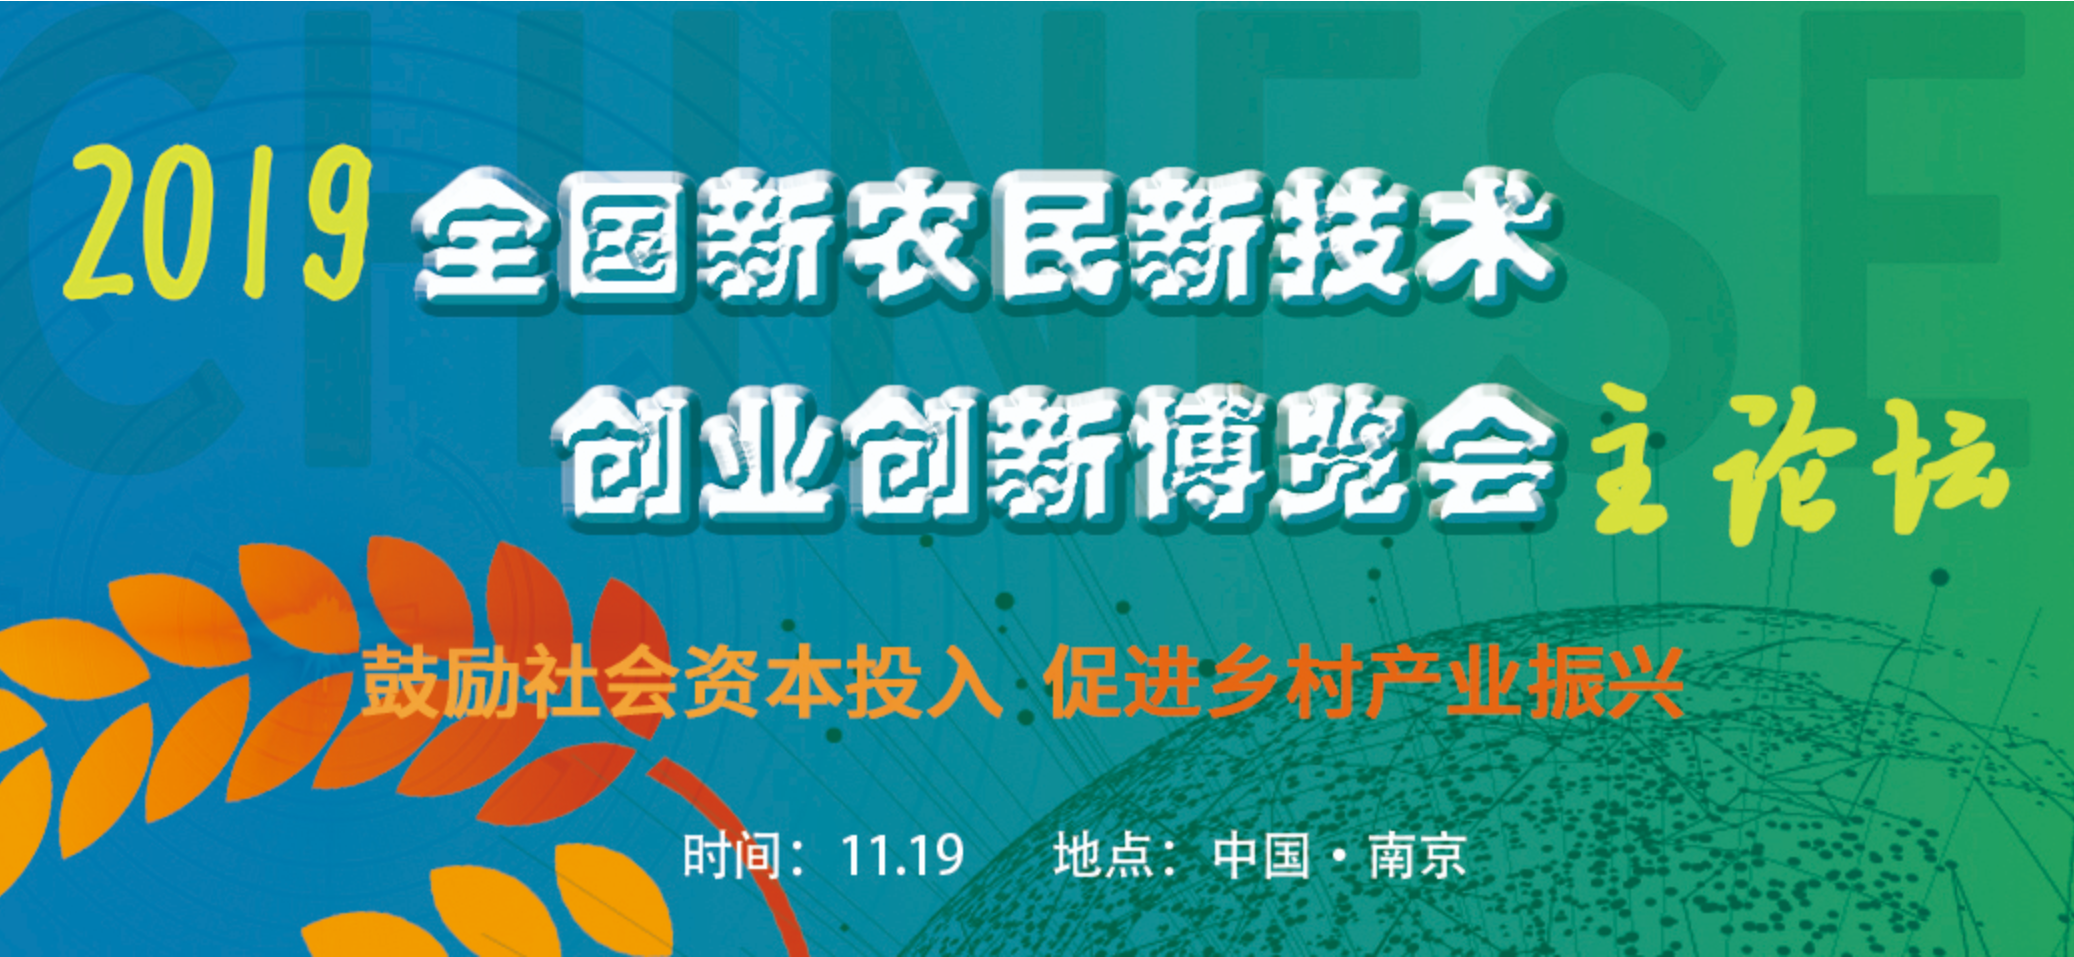 2019年全國新農民新技術創業創新博覽會主論壇